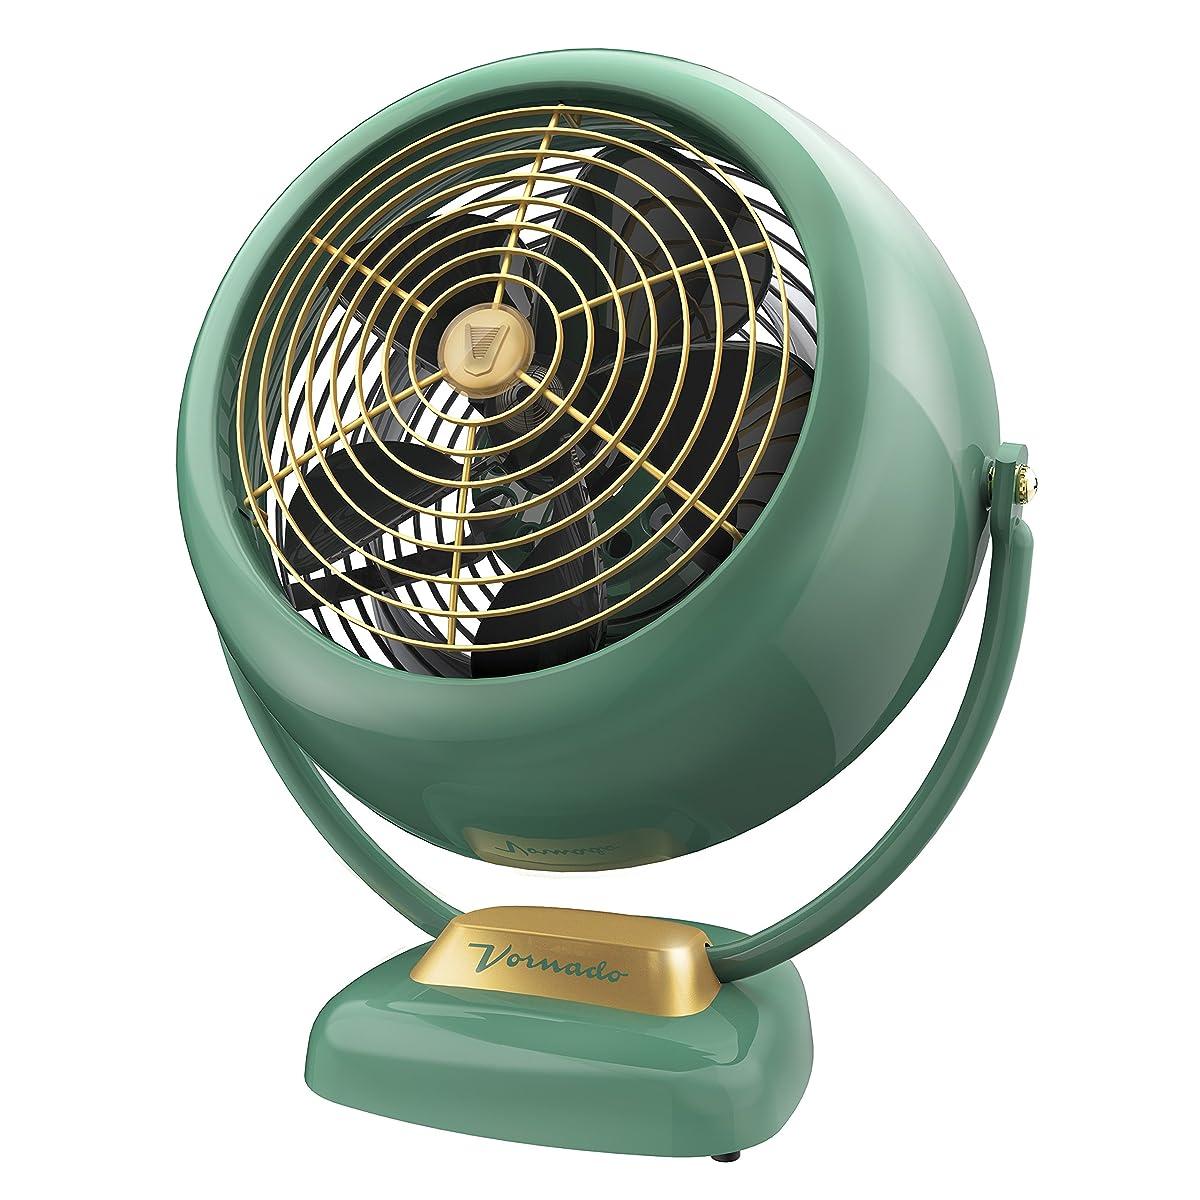 Vornado VFAN Sr. Vintage Whole Room Air Circulator, Green